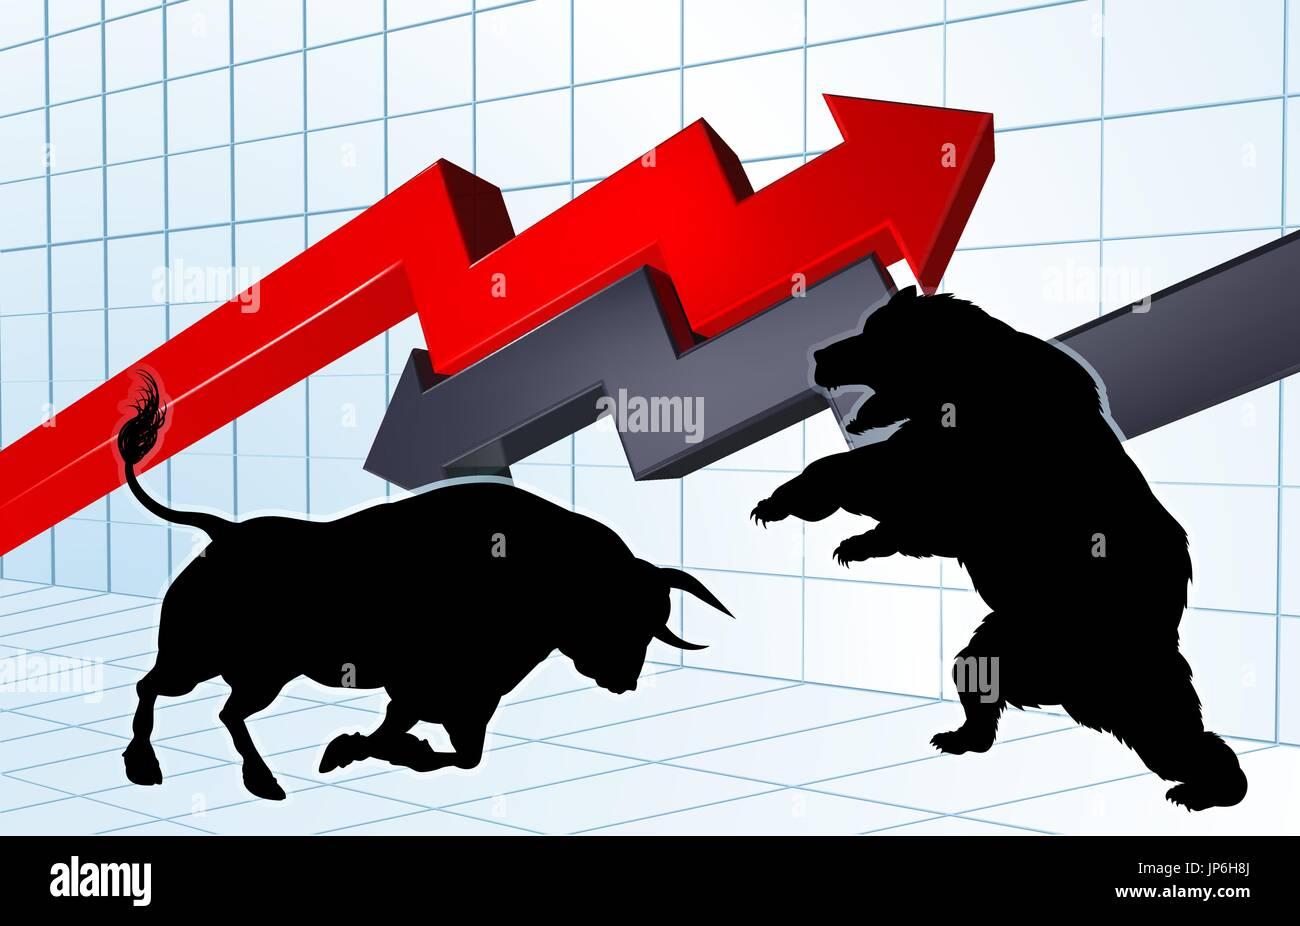 Bears Versus Bulls Stock Market Concept Stock Vector